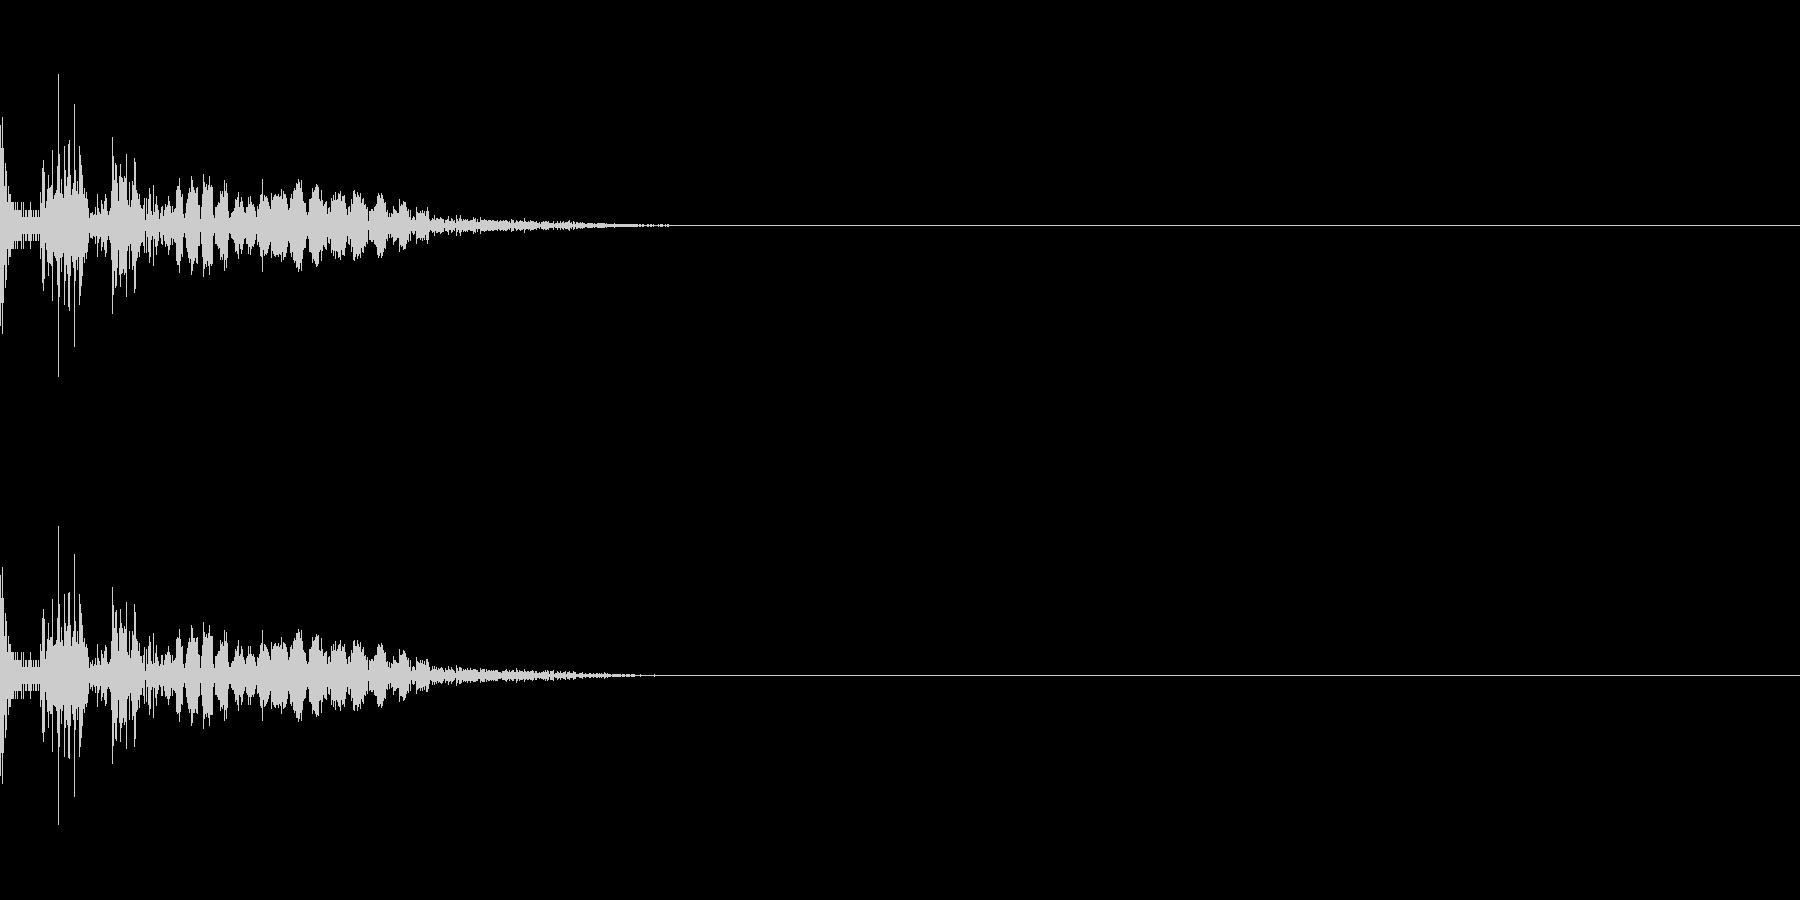 ドン ドシャ 打撃音 物理攻撃 衝撃の未再生の波形